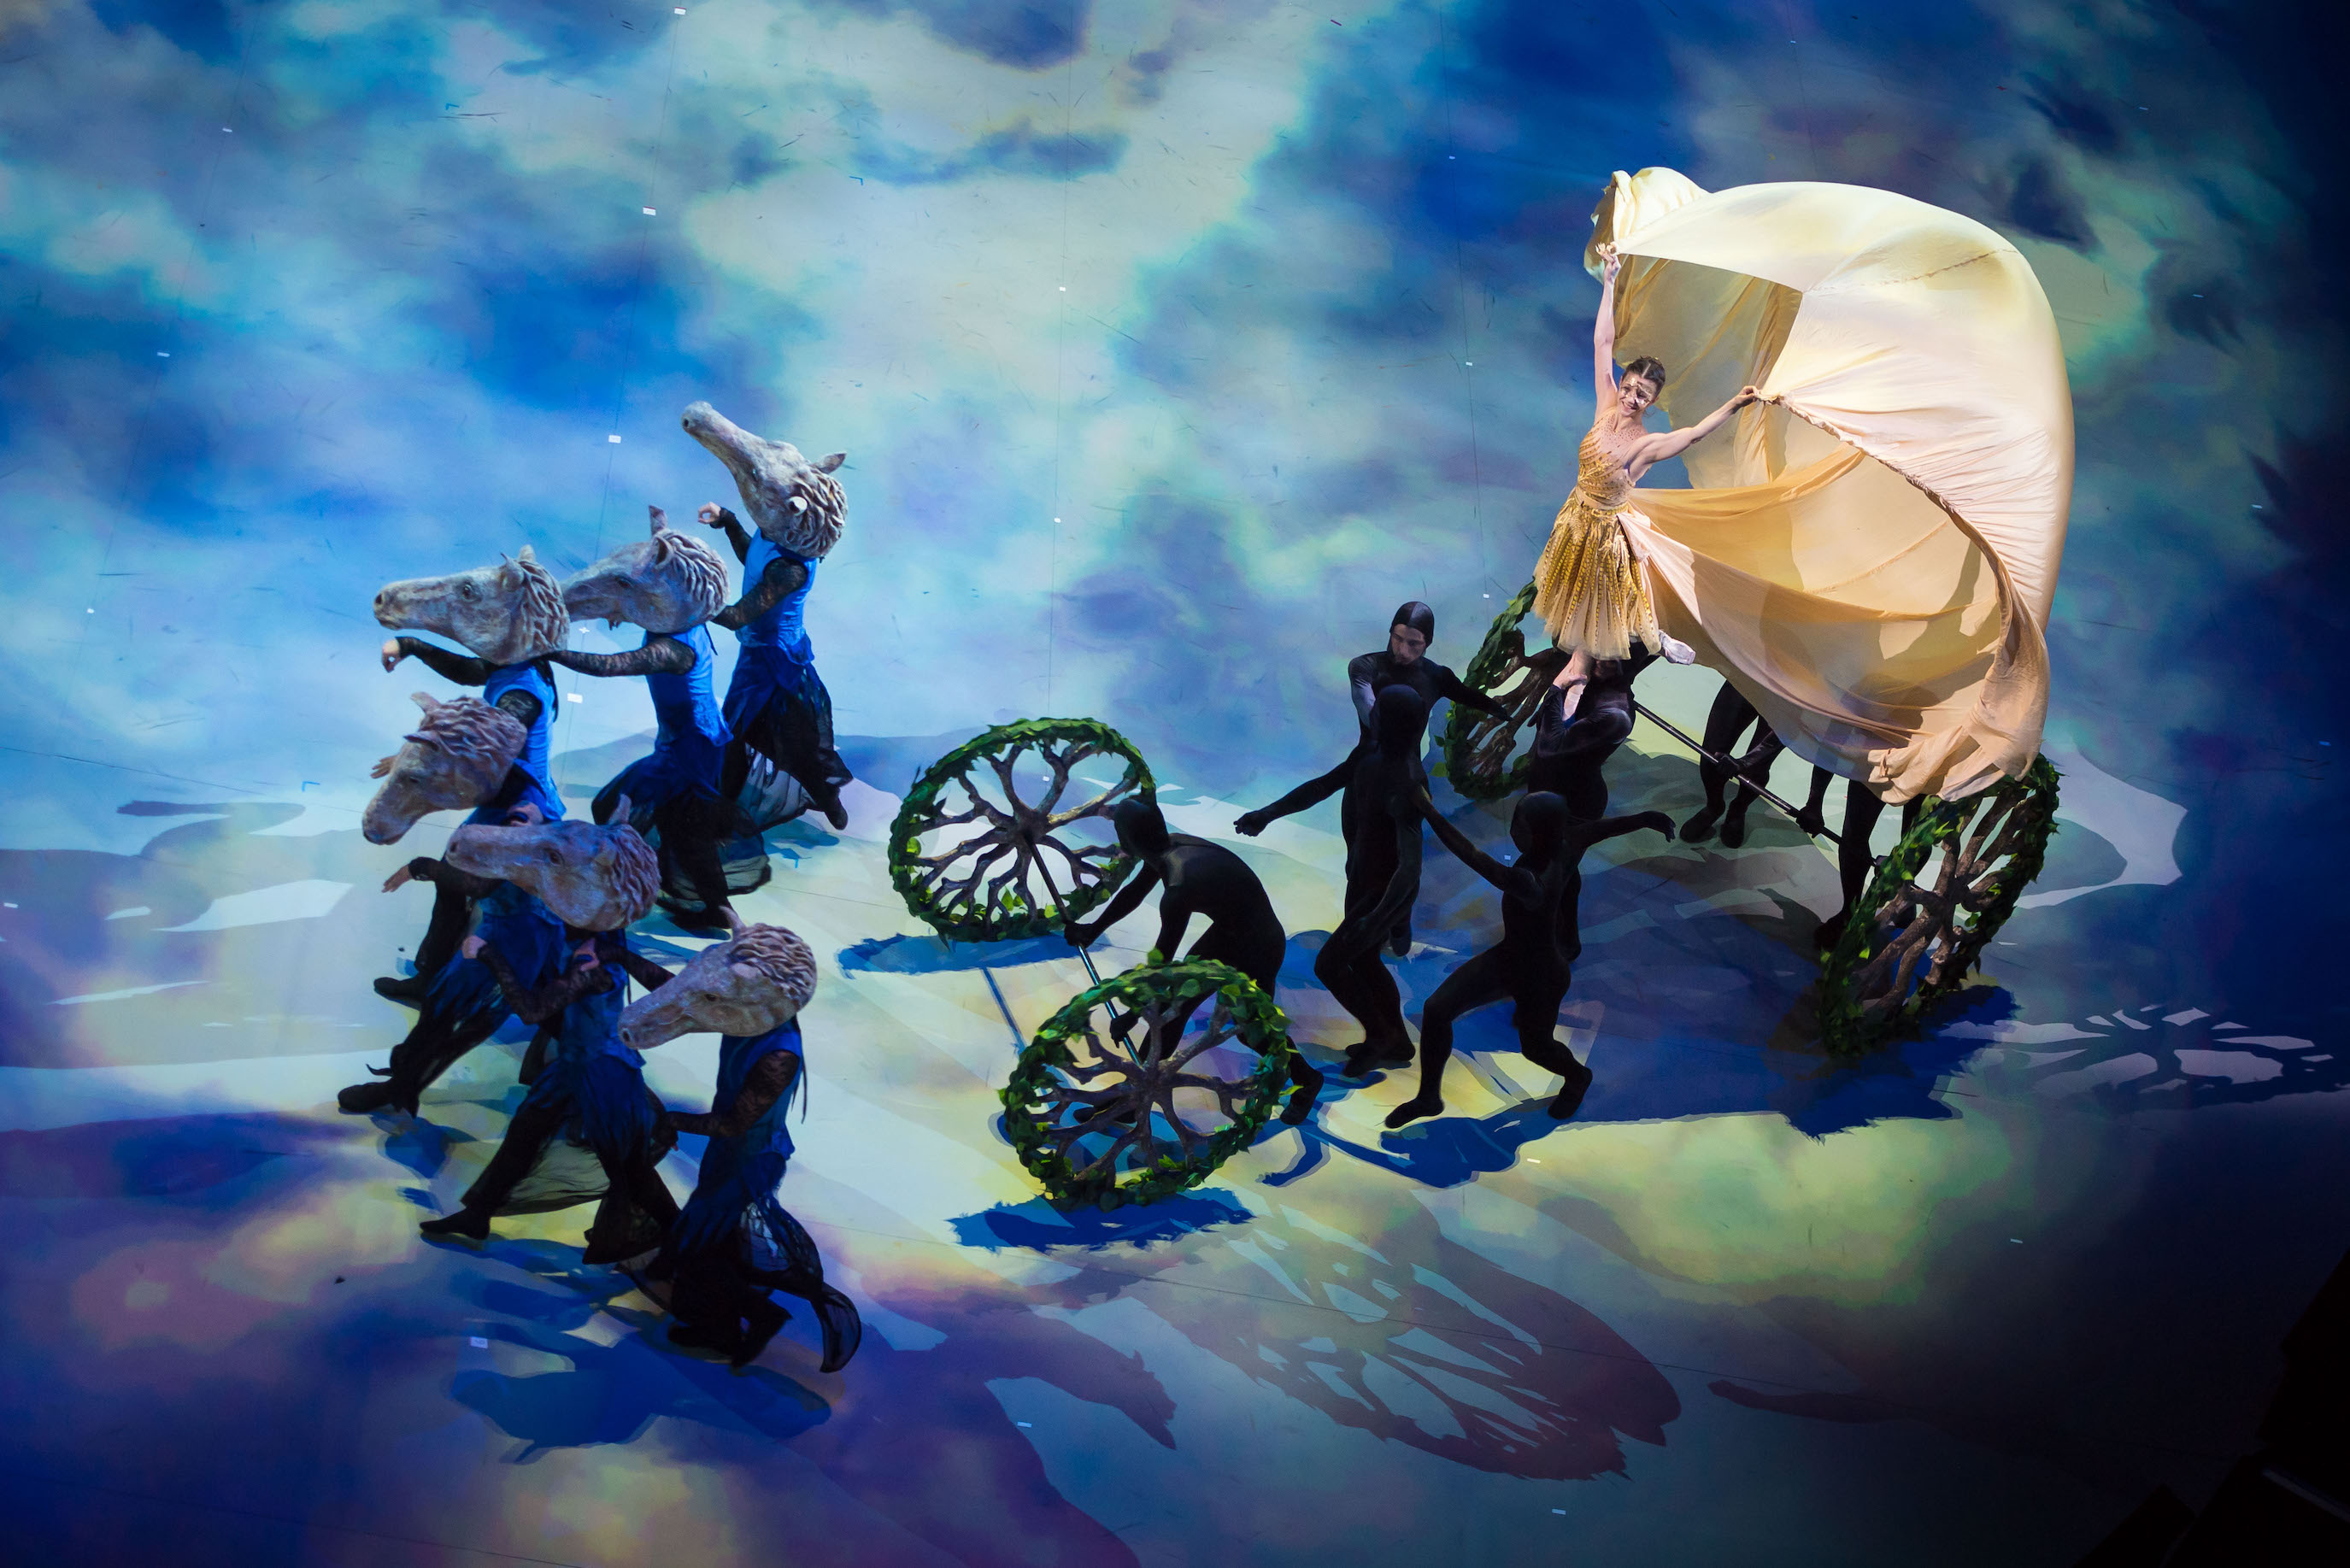 【新連載第2回】英国バレエ通信 イングリッシュ・ナショナル・バレエ「シンデレラ」イン・ザ・ラウンド